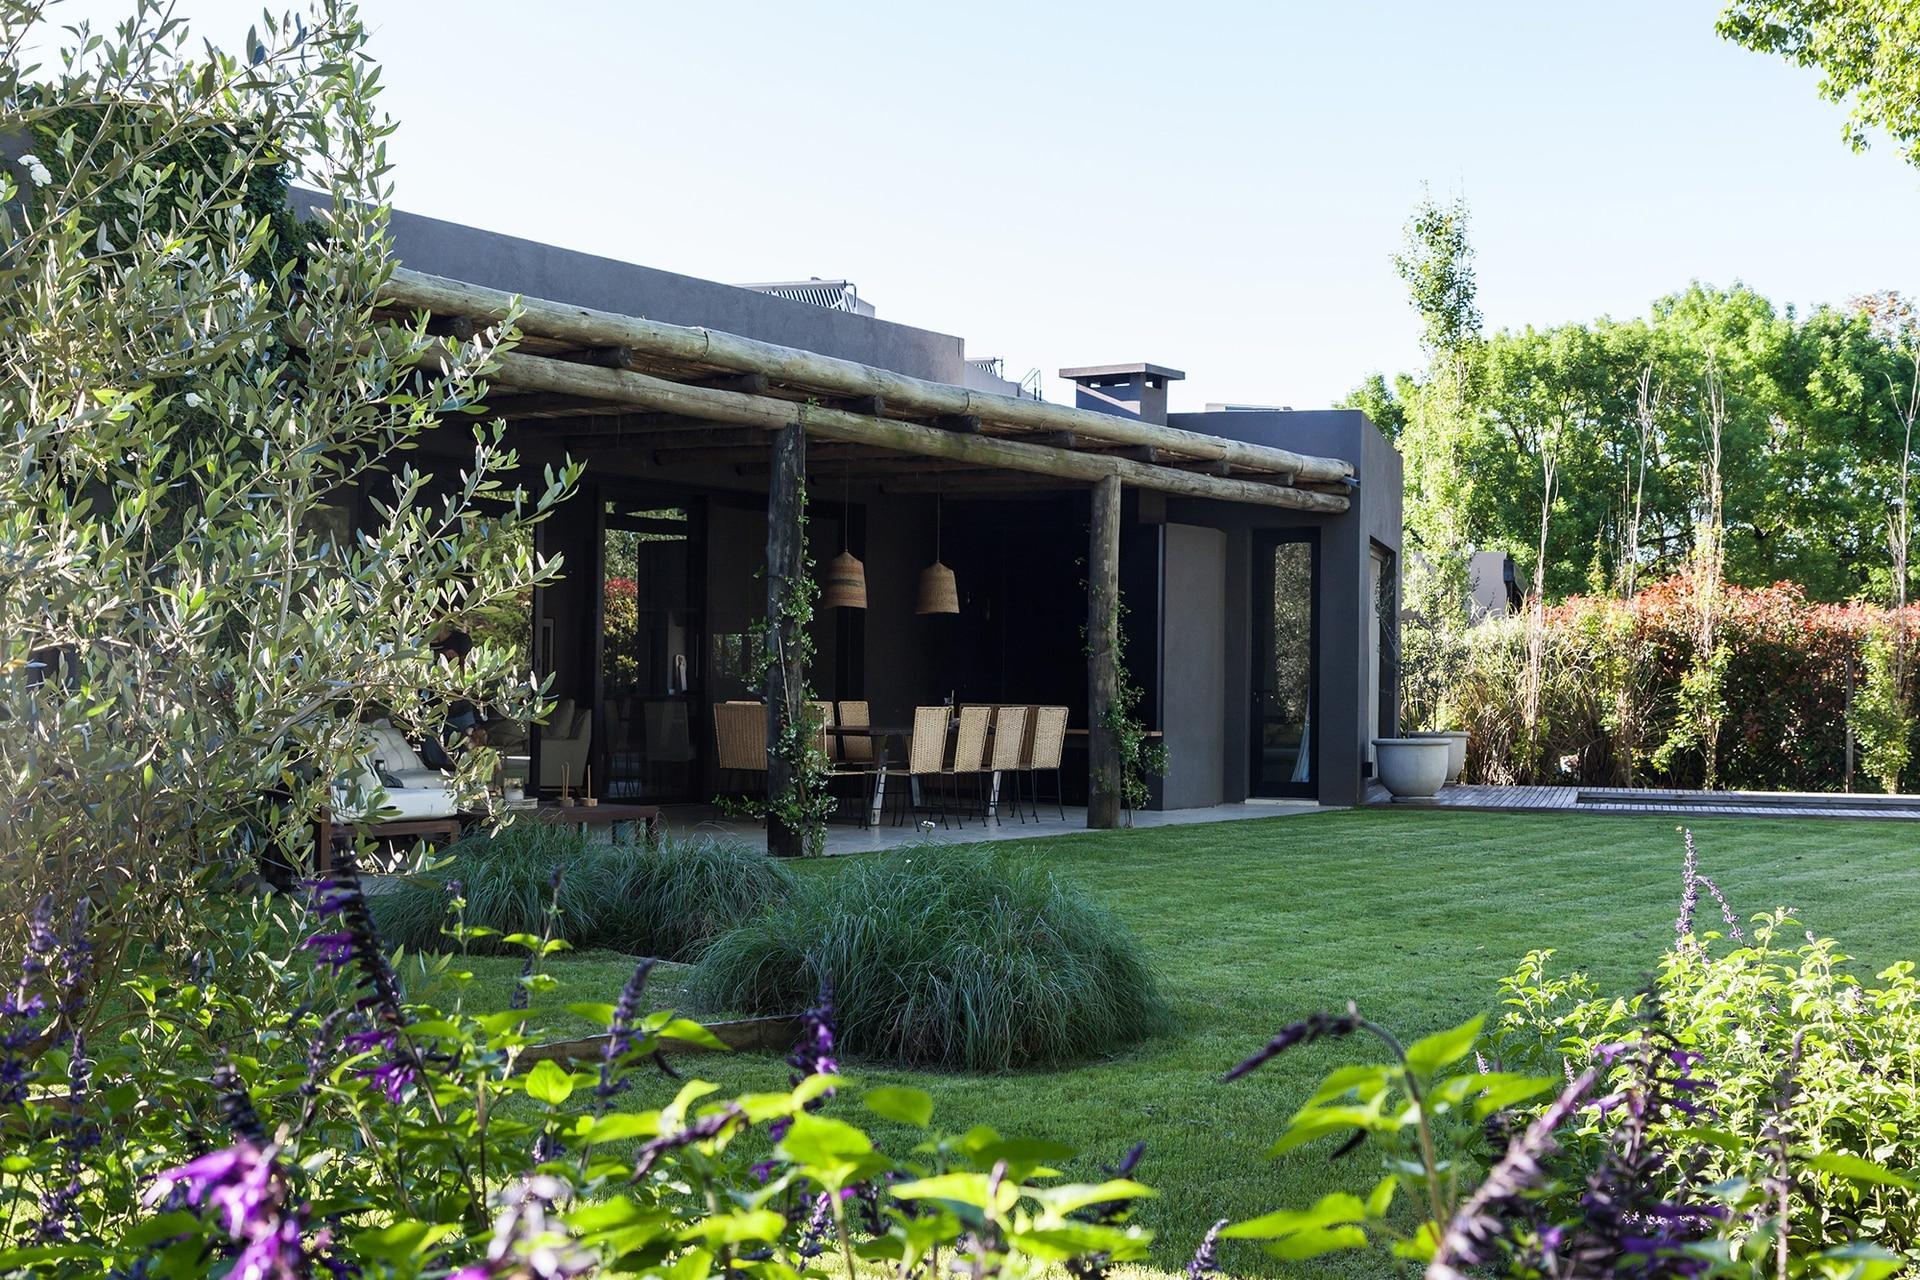 La intimidad de la casa casa está protegida por arbustos que la rodean.